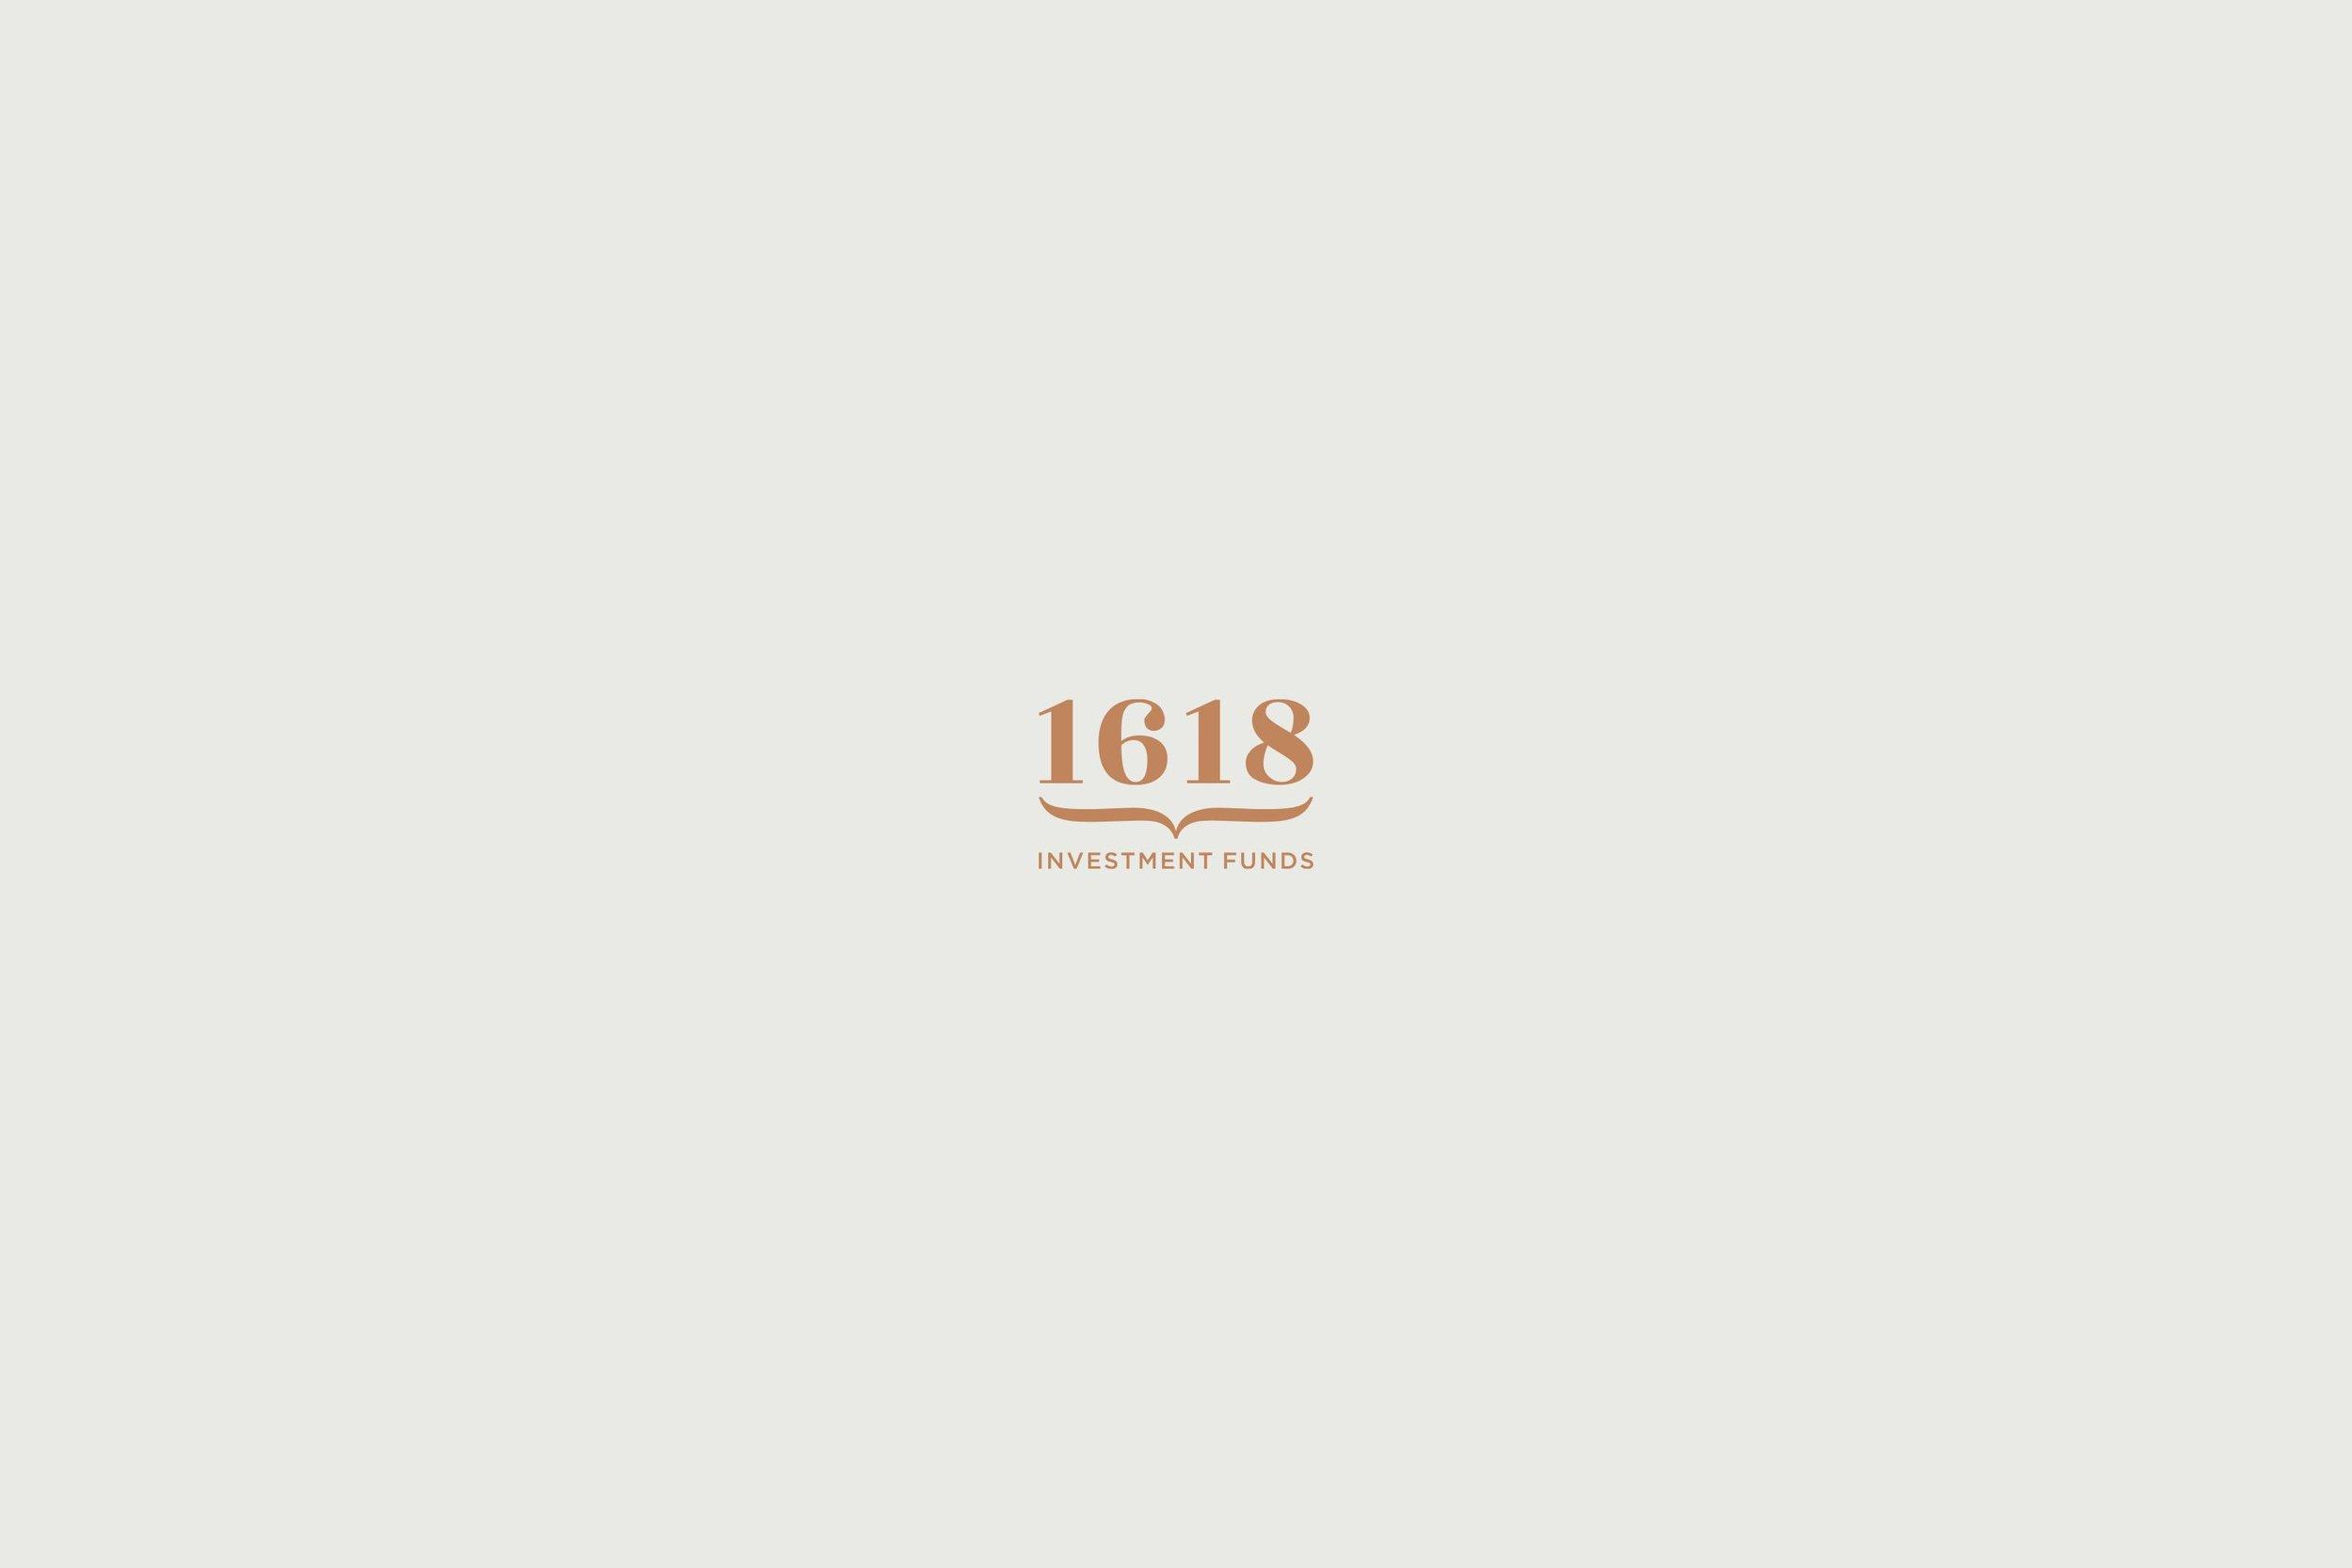 3.-1618.jpg